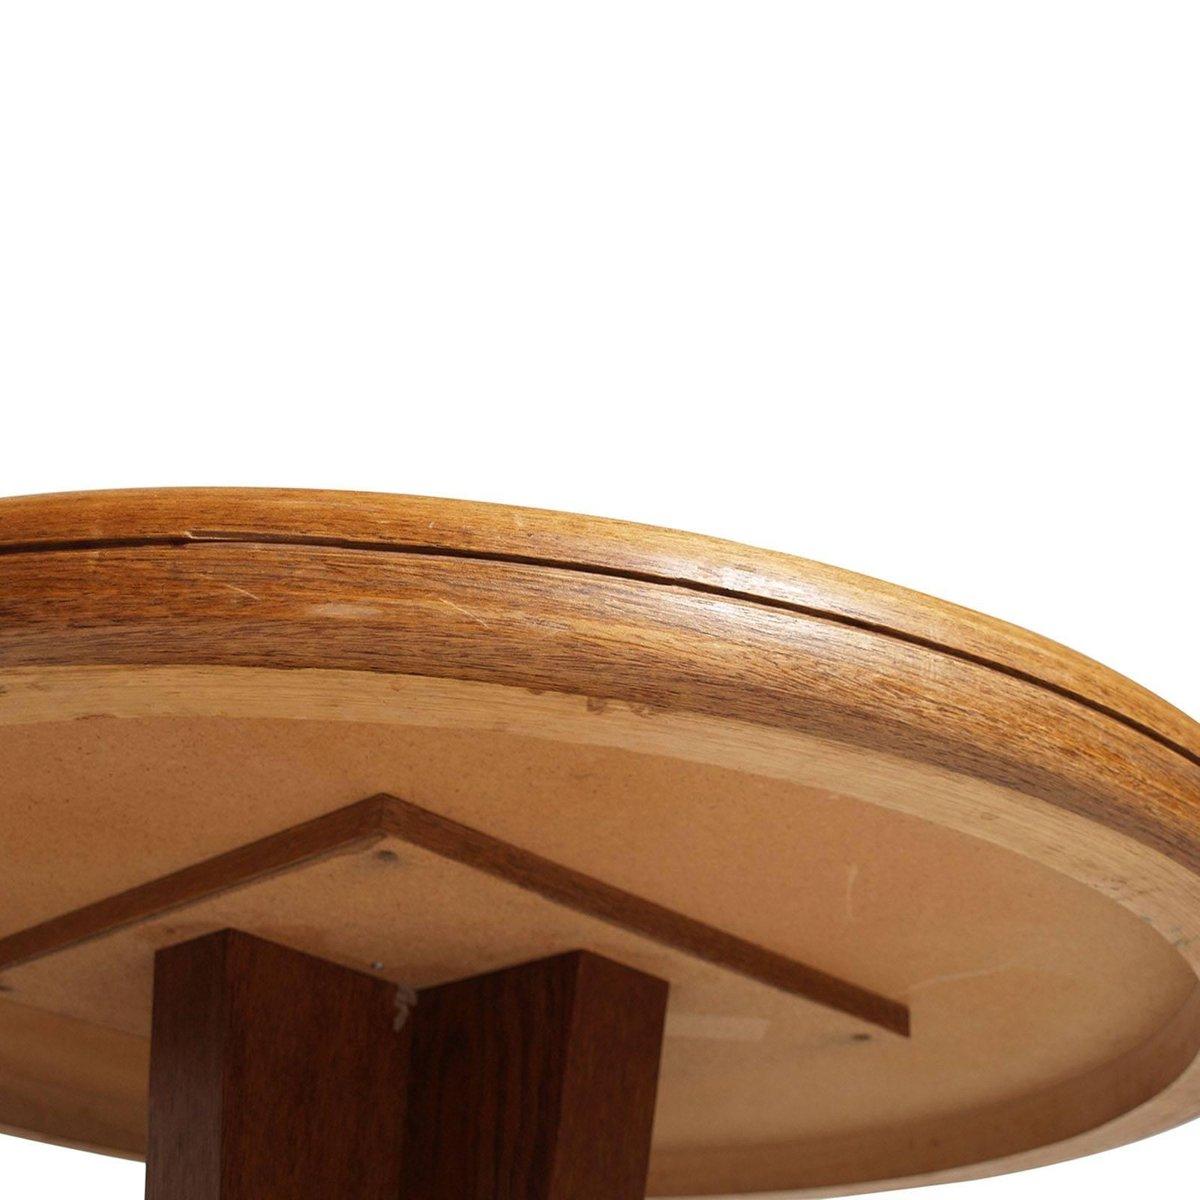 59a5c5a8fed46f Table Basse en Noyer Massif avec Plateau en Céramique, 1960s 5. 1 700,00 €